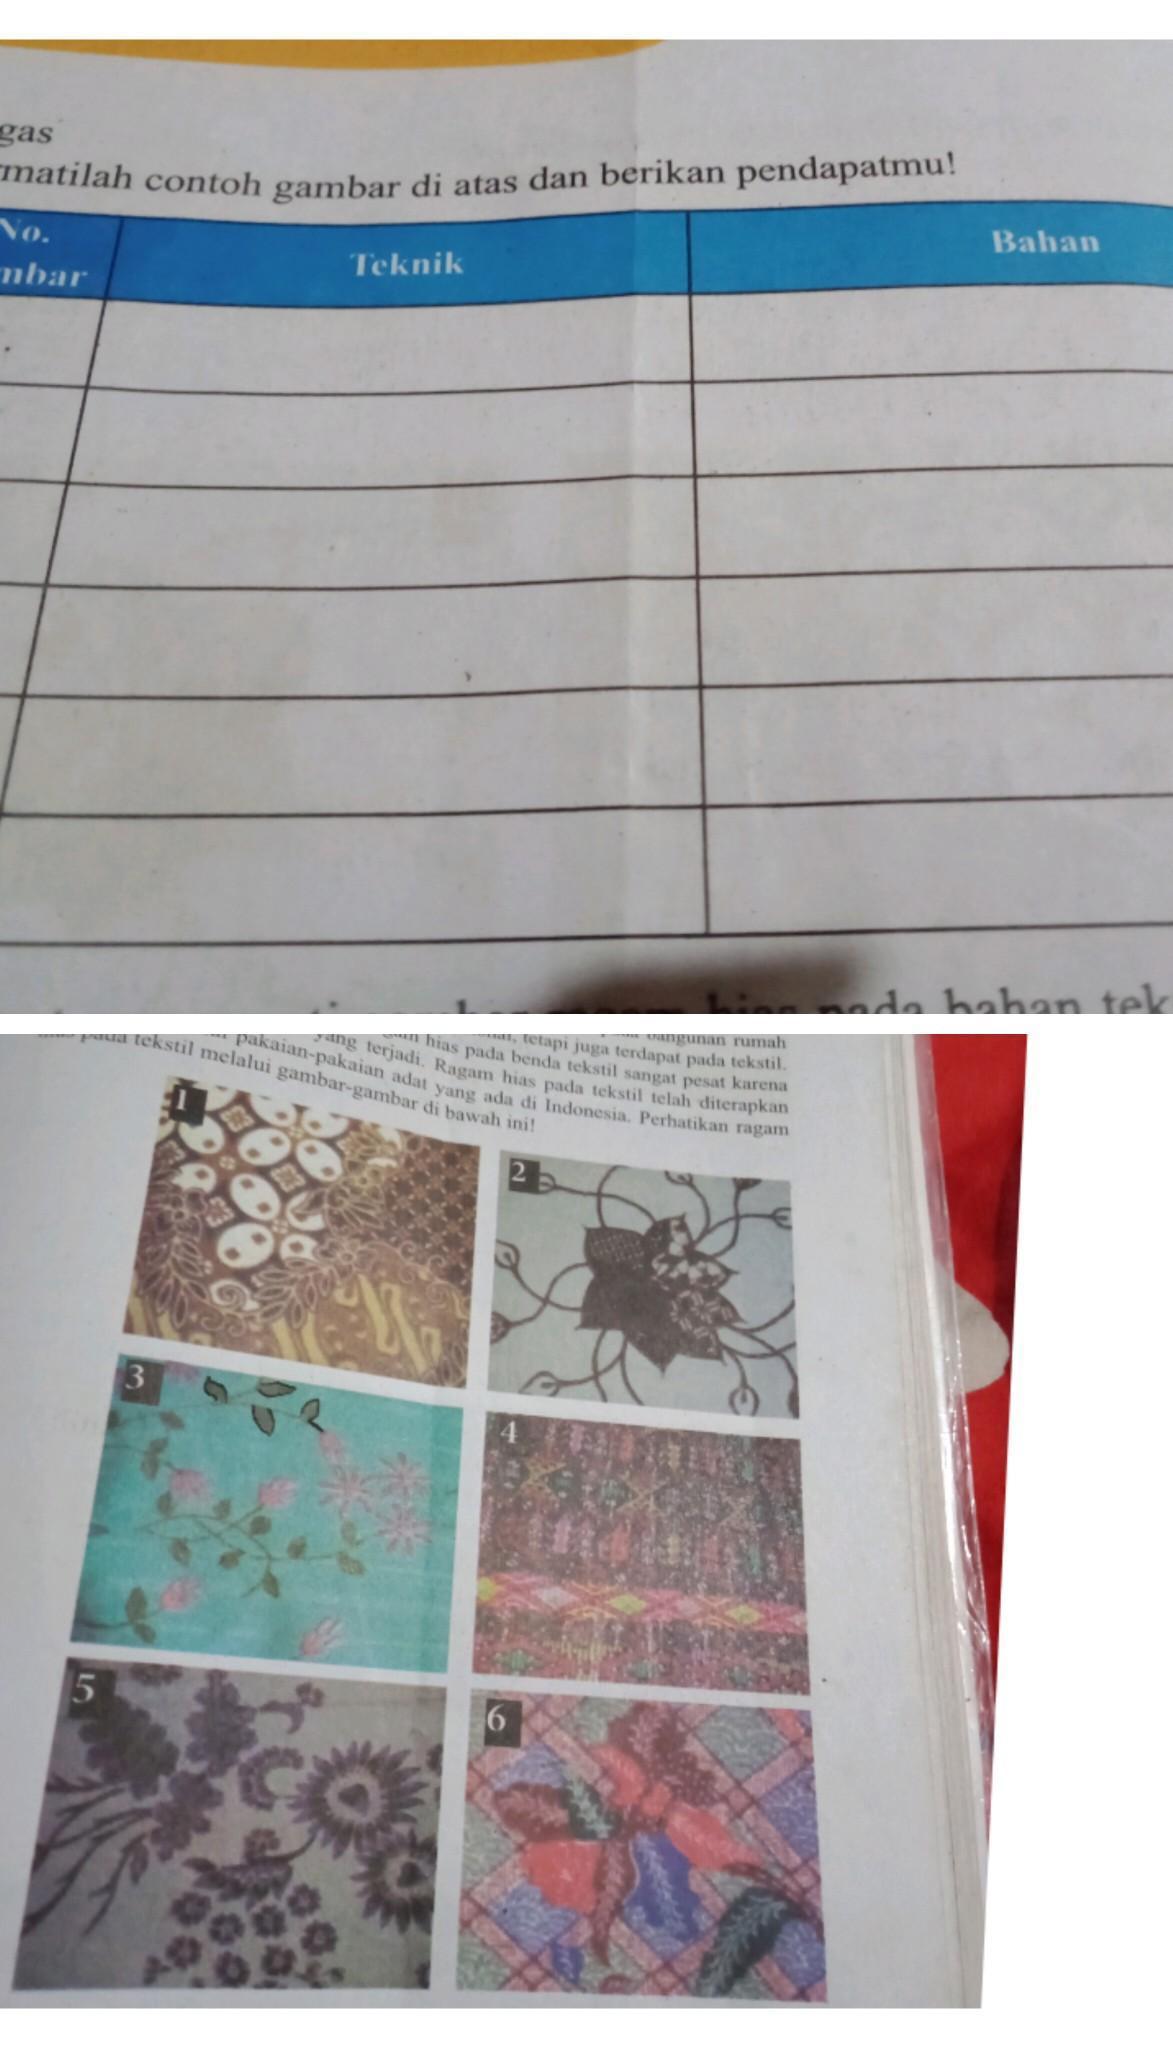 Teknik Menggambar Ragam Hias Pada Bahan Tekstil : teknik, menggambar, ragam, bahan, tekstil, Sebutkan, Teknik, Bahan, Ragam, Tekstil, Brainly.co.id